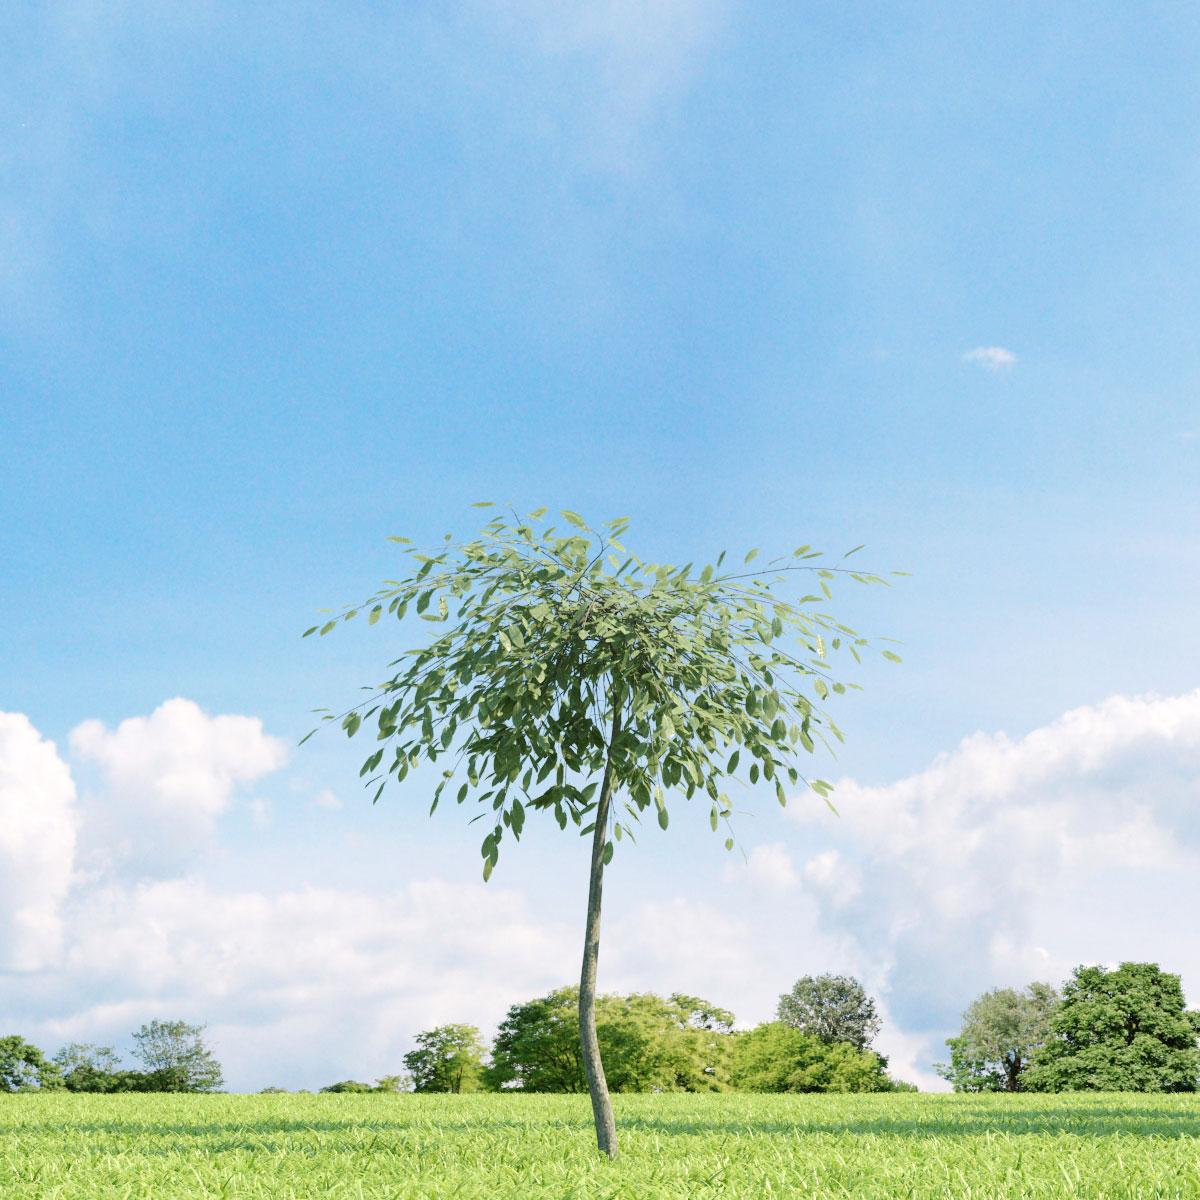 Salix repens var. argentea 23 v3 AM136 Archmodels